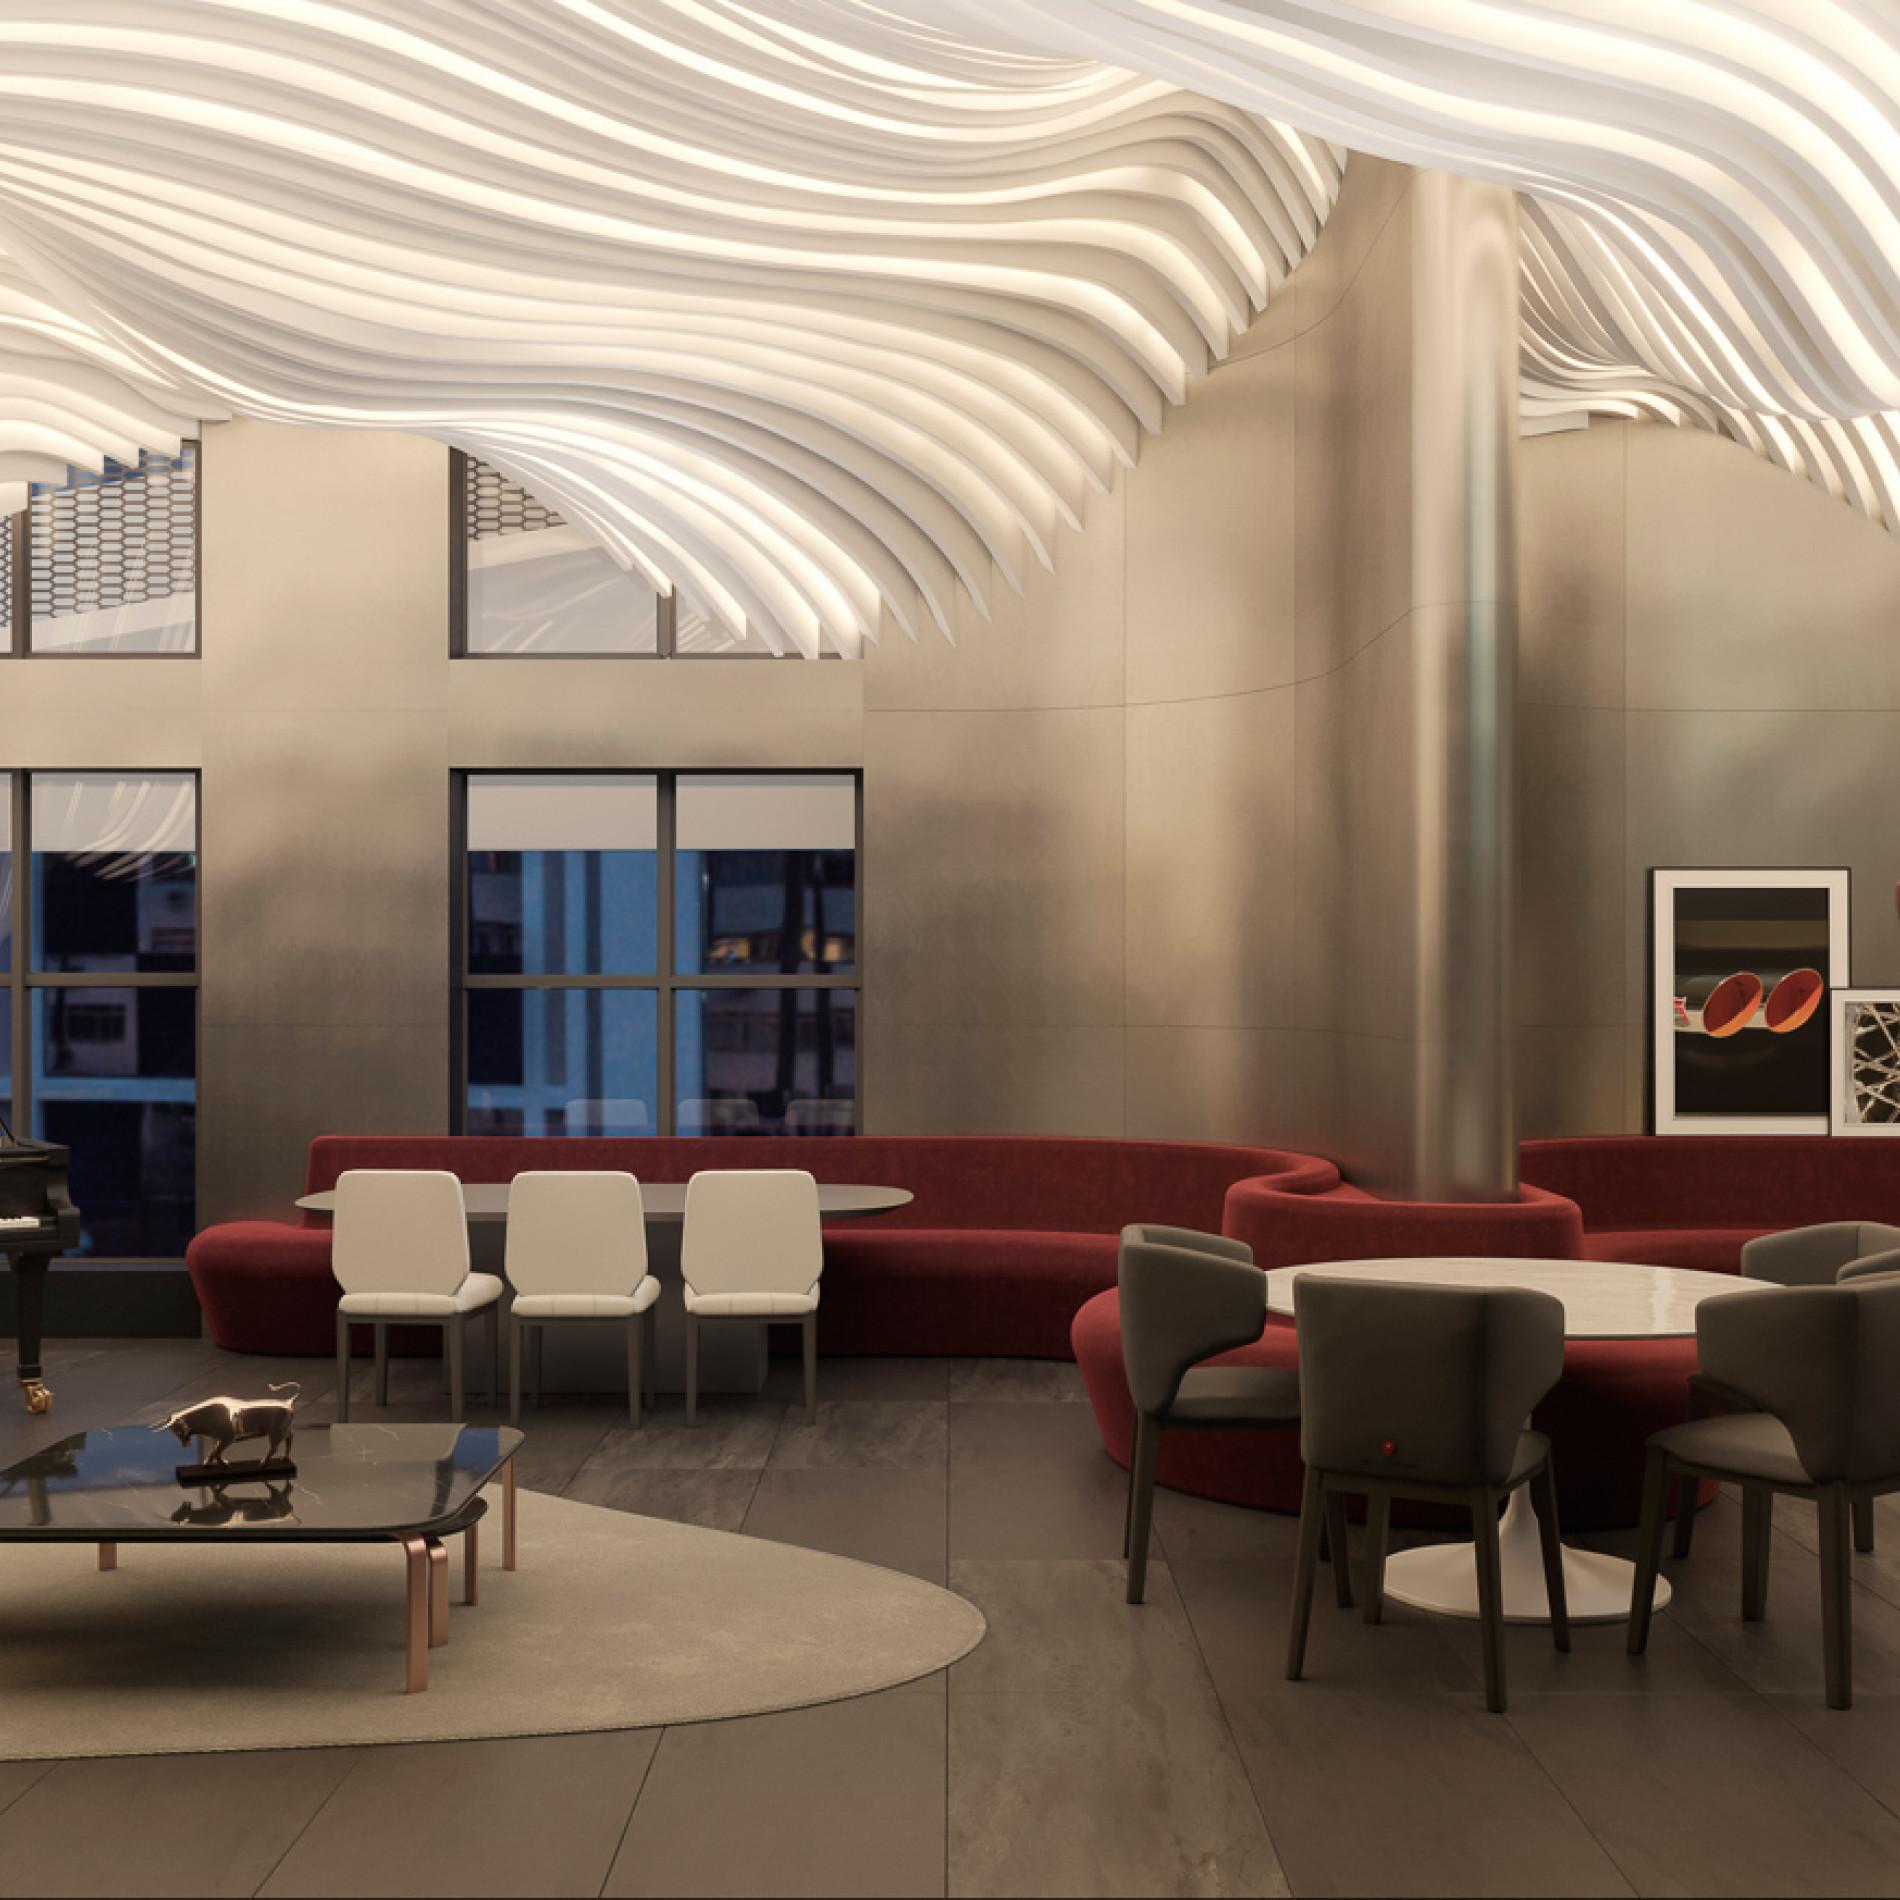 6-lounge-tl-tlrbc.jpg